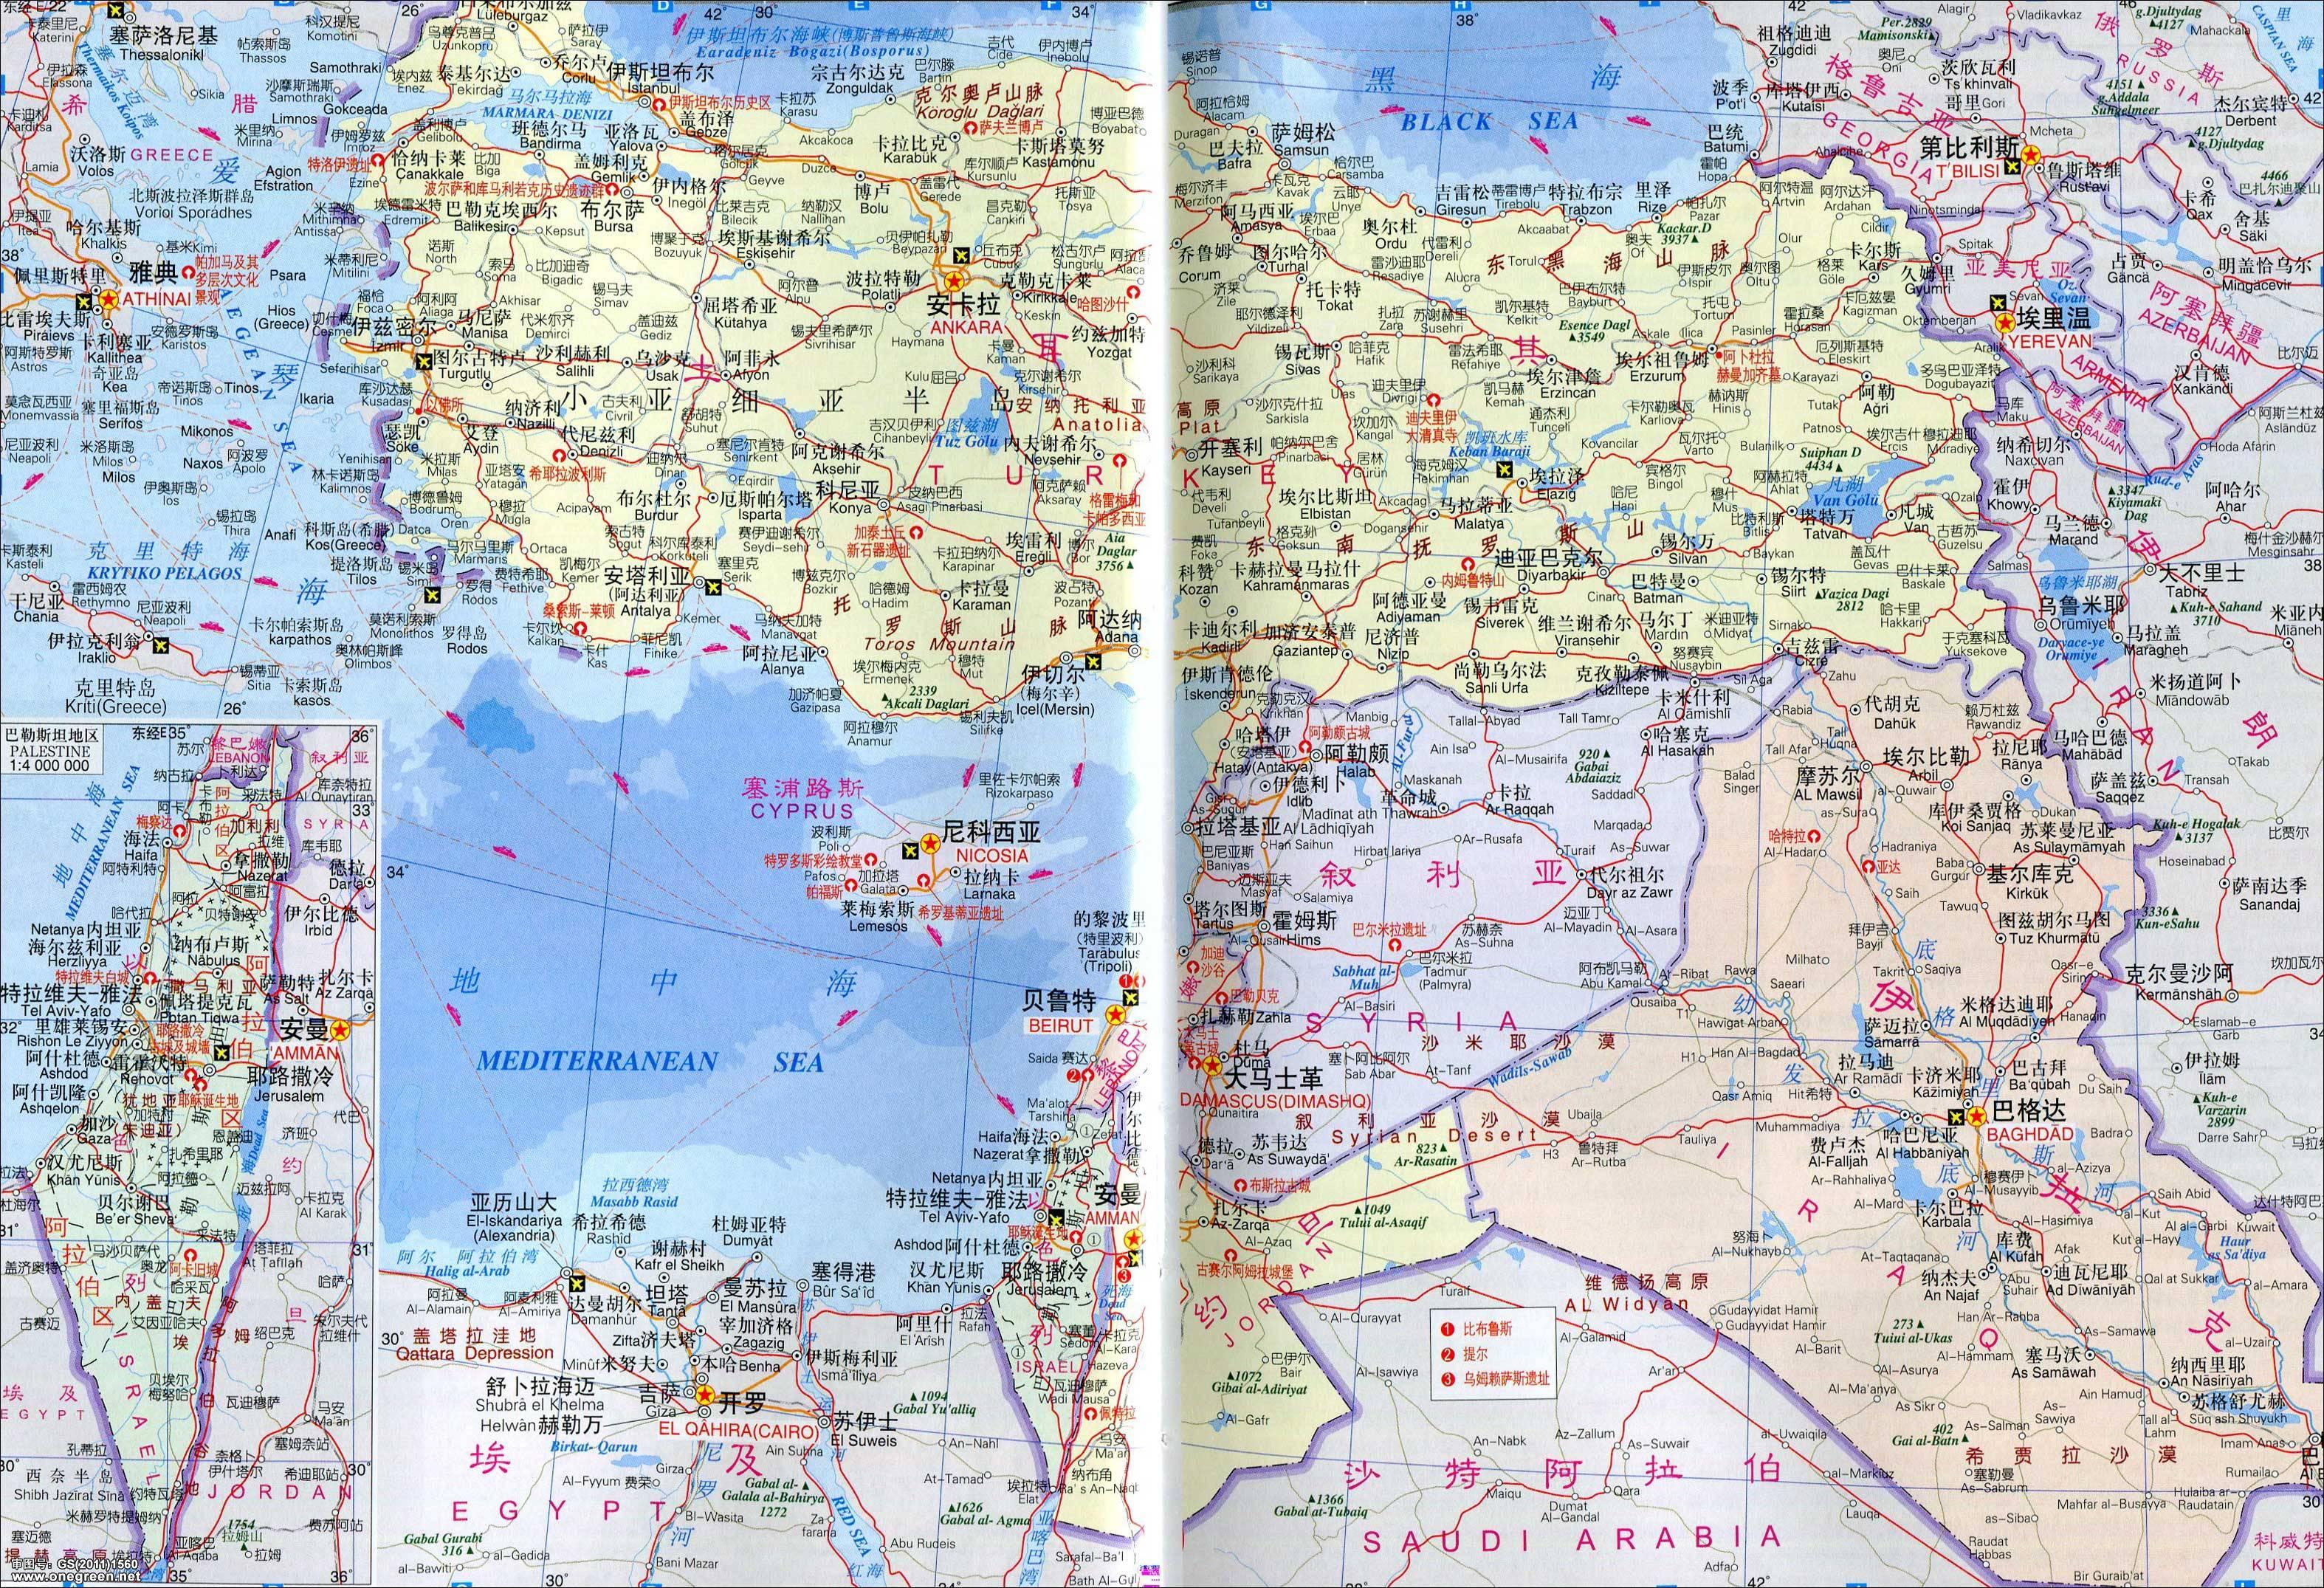 越南 地图 中越 文 版